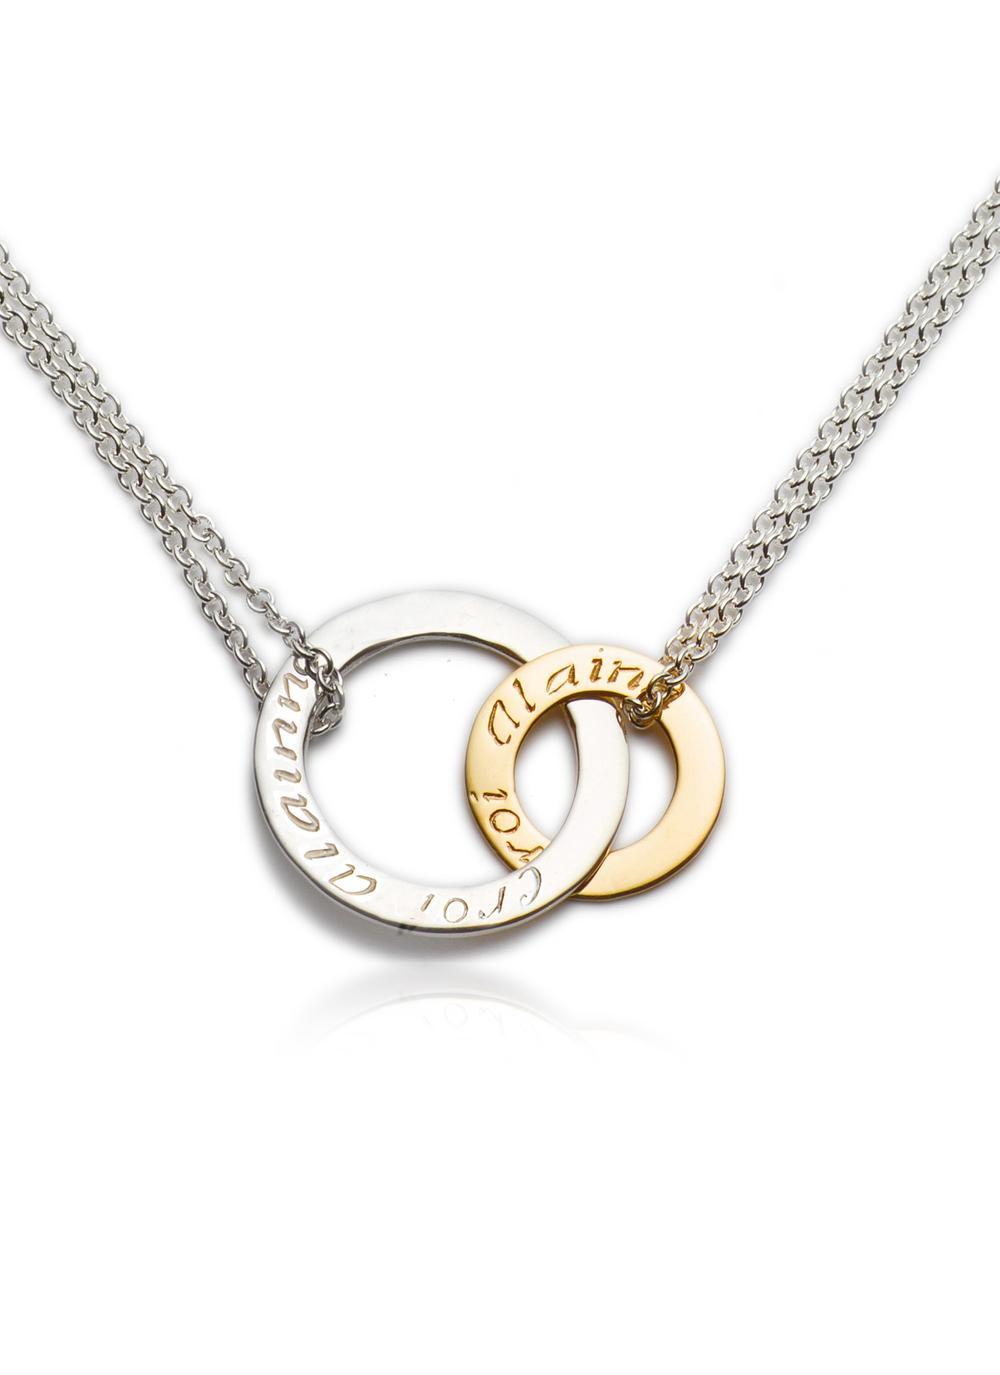 Sterling Silver and 9K Gold Croi Alainn Celtic Pendant